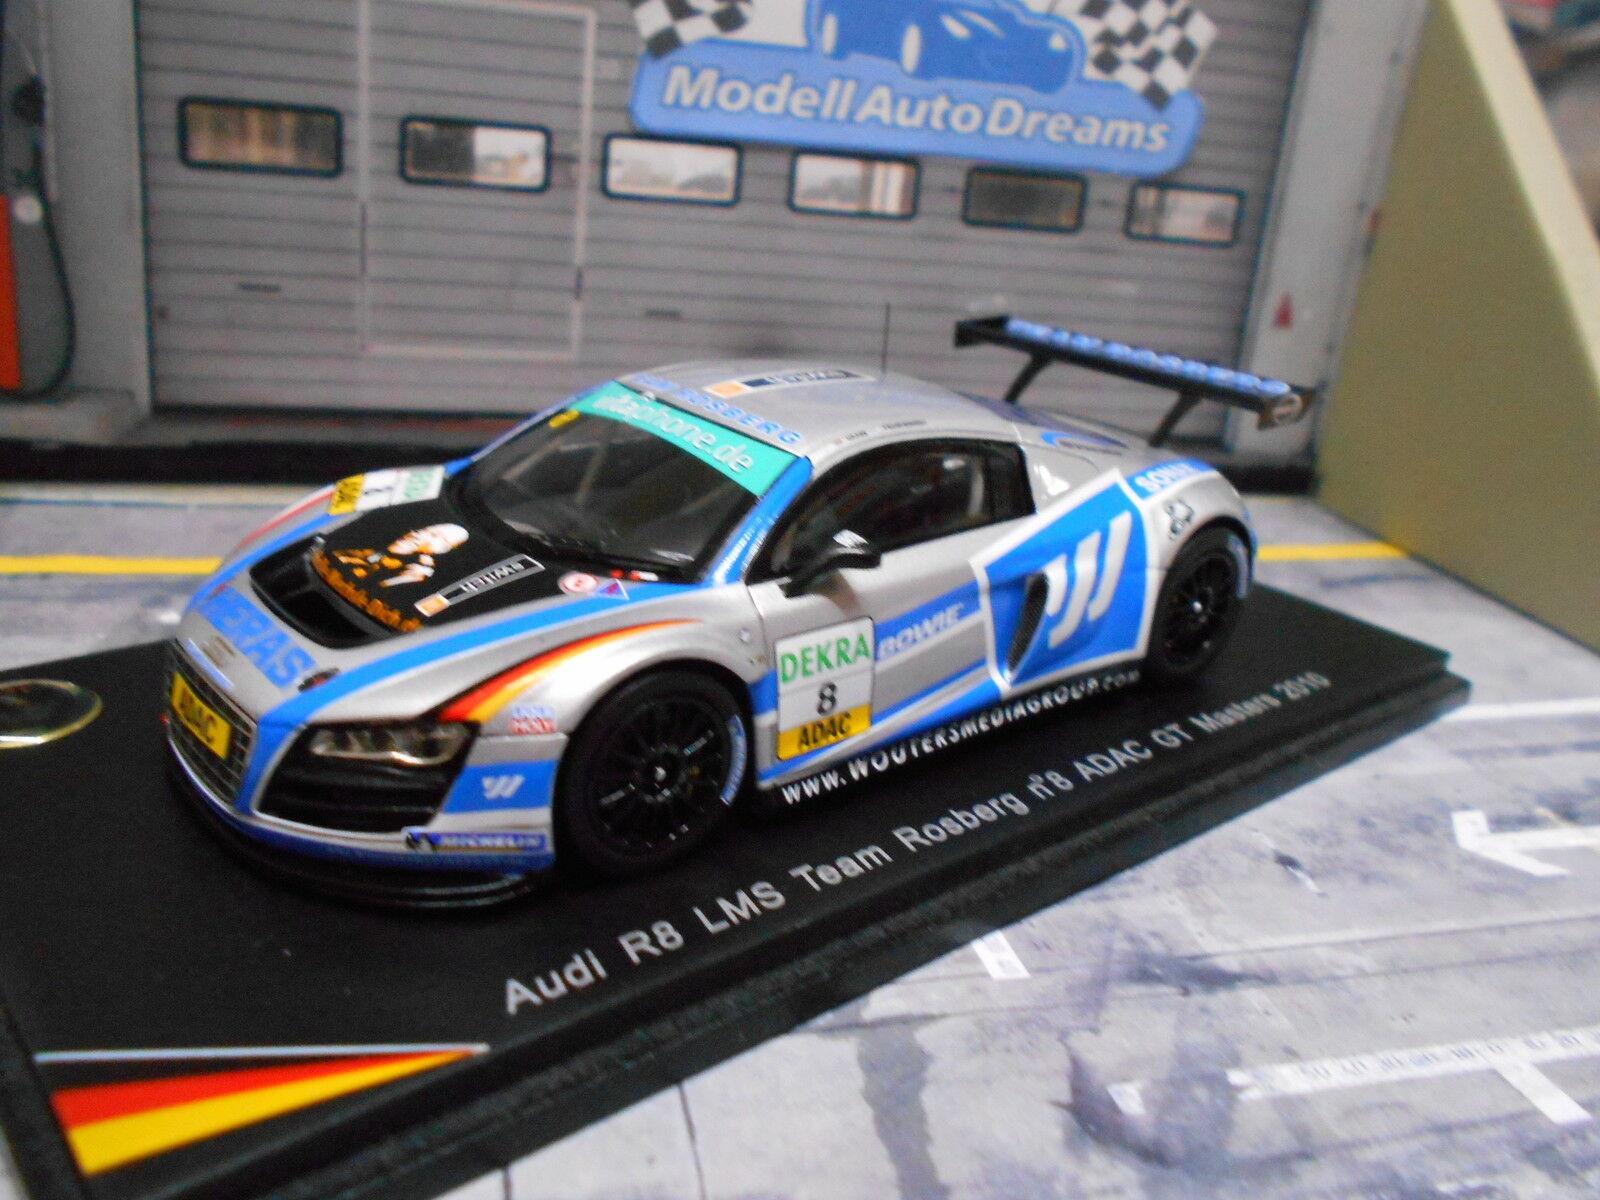 AUDI r8 LMS ADAC GT Masters 2010  8 team rosberg Haase frankenhout spark 1 43